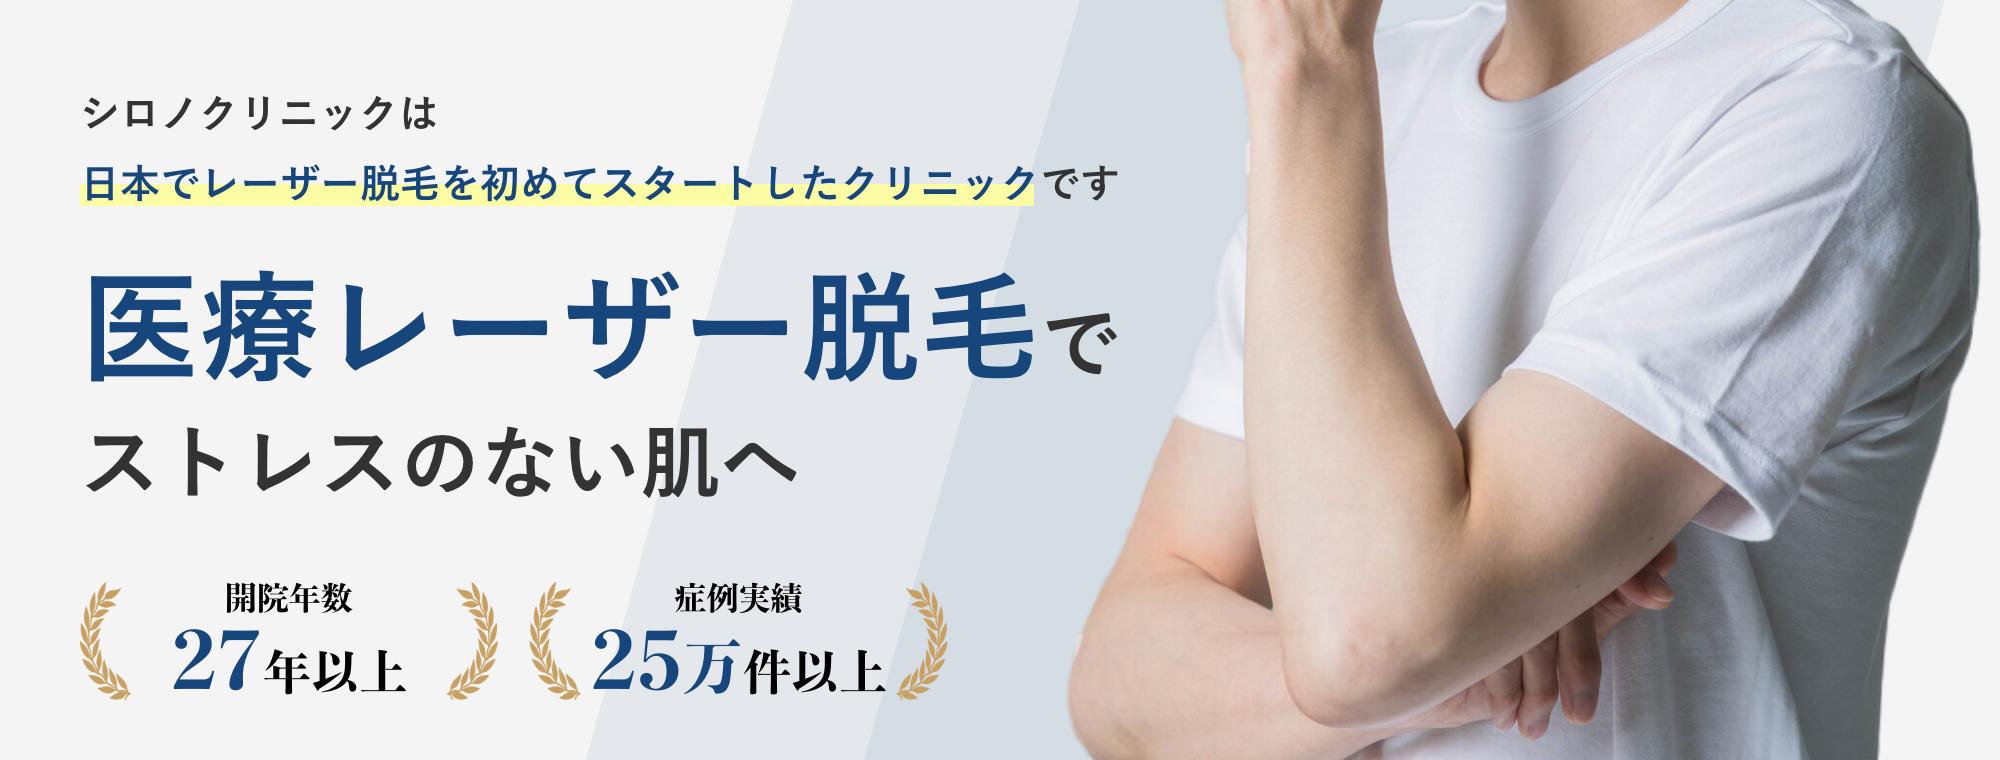 シロノクリニックは 日本でレーザー脱毛を初めてスタートしたクリニックです メンズヒゲ脱毛 開院年数27年以上 症例実績25万件以上